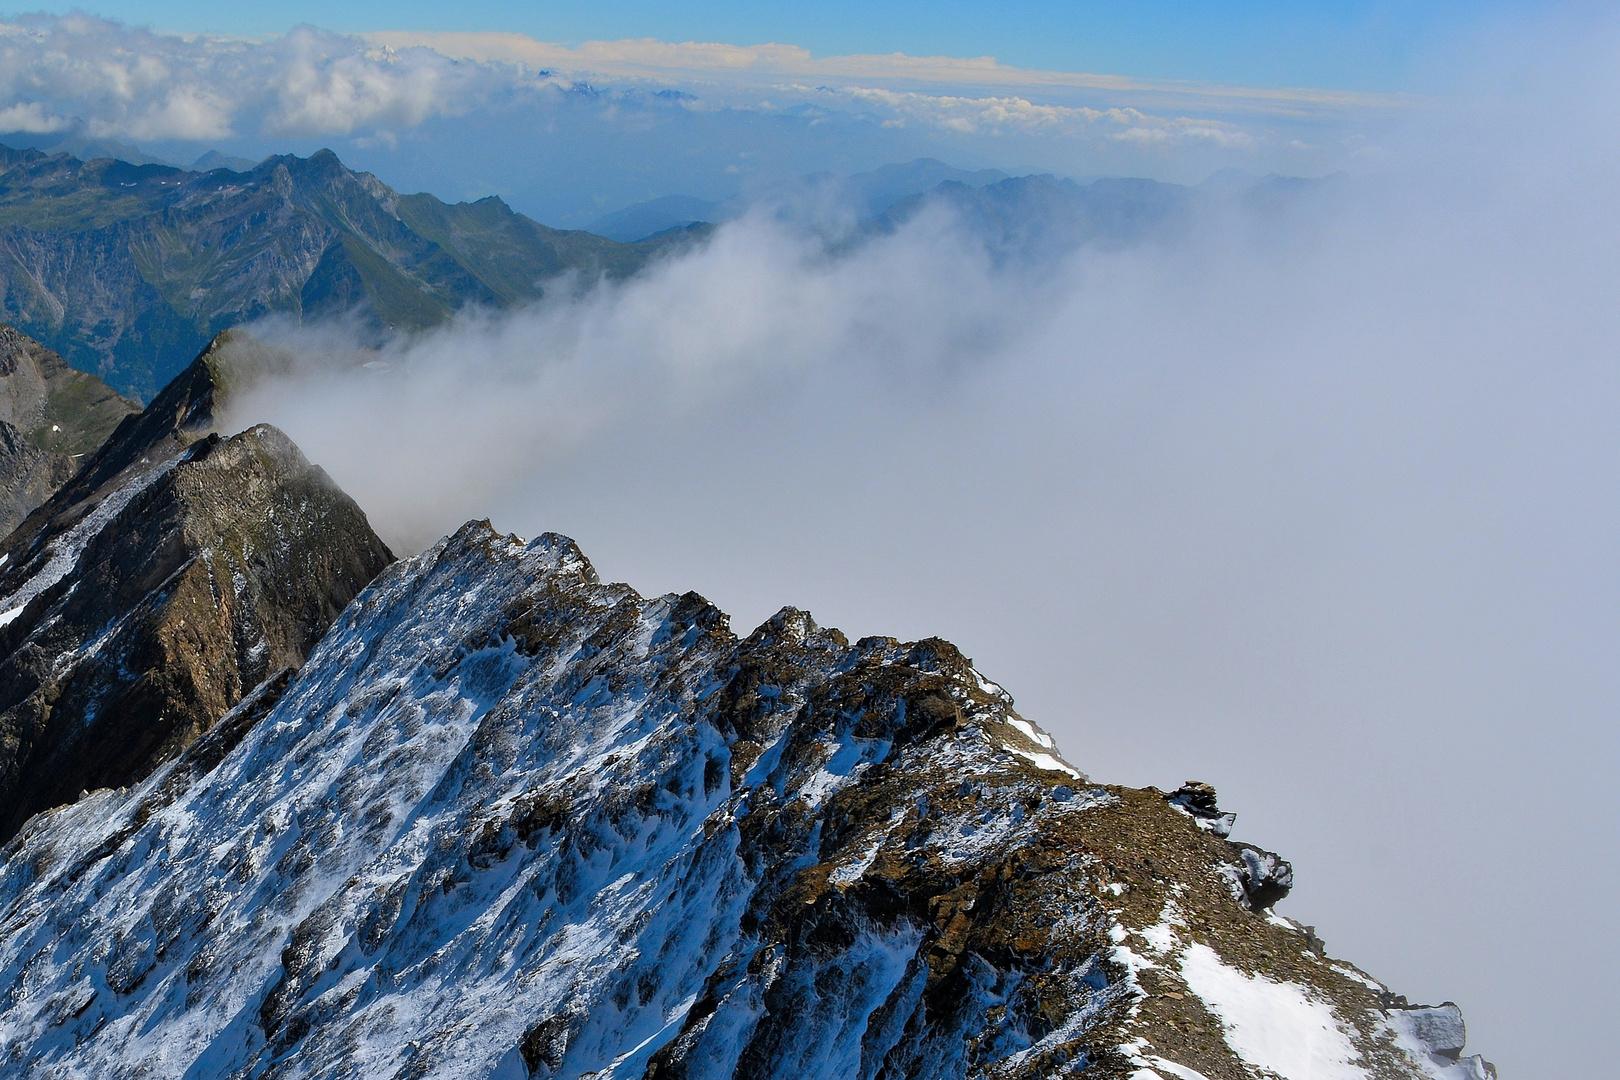 Nebelschwaden am eisigen Grat